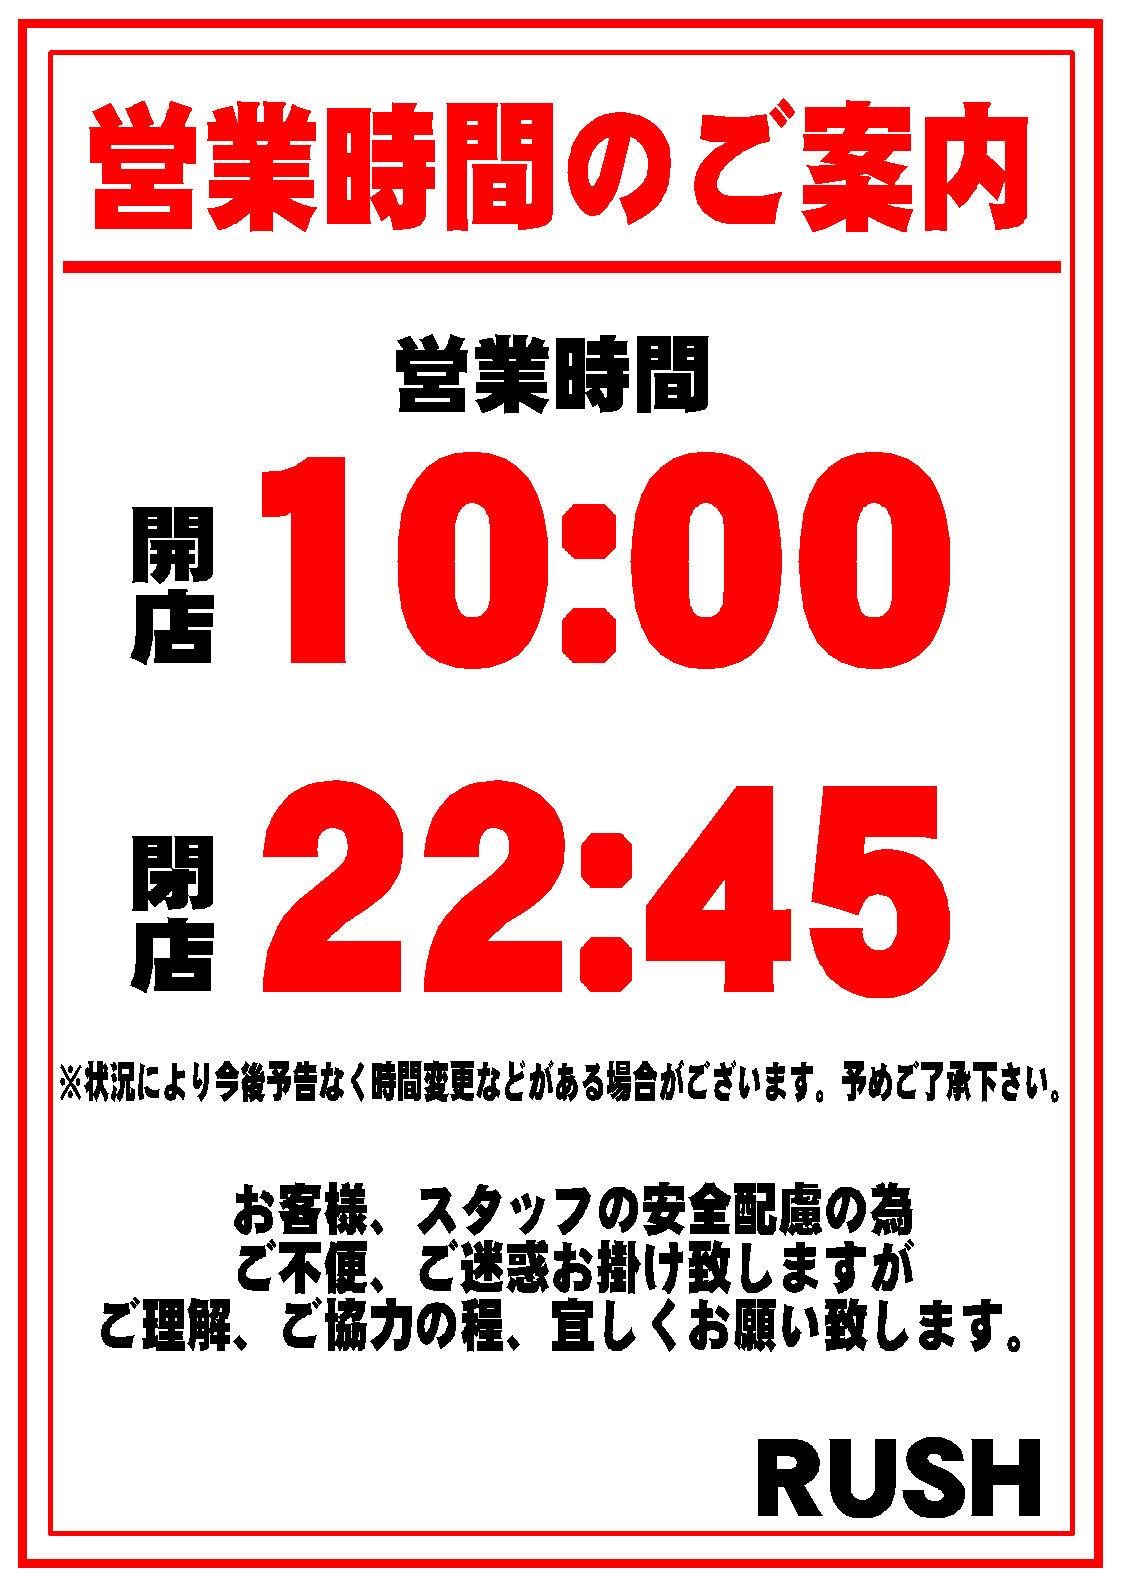 ★新台入替8月5日(月)OPEN★